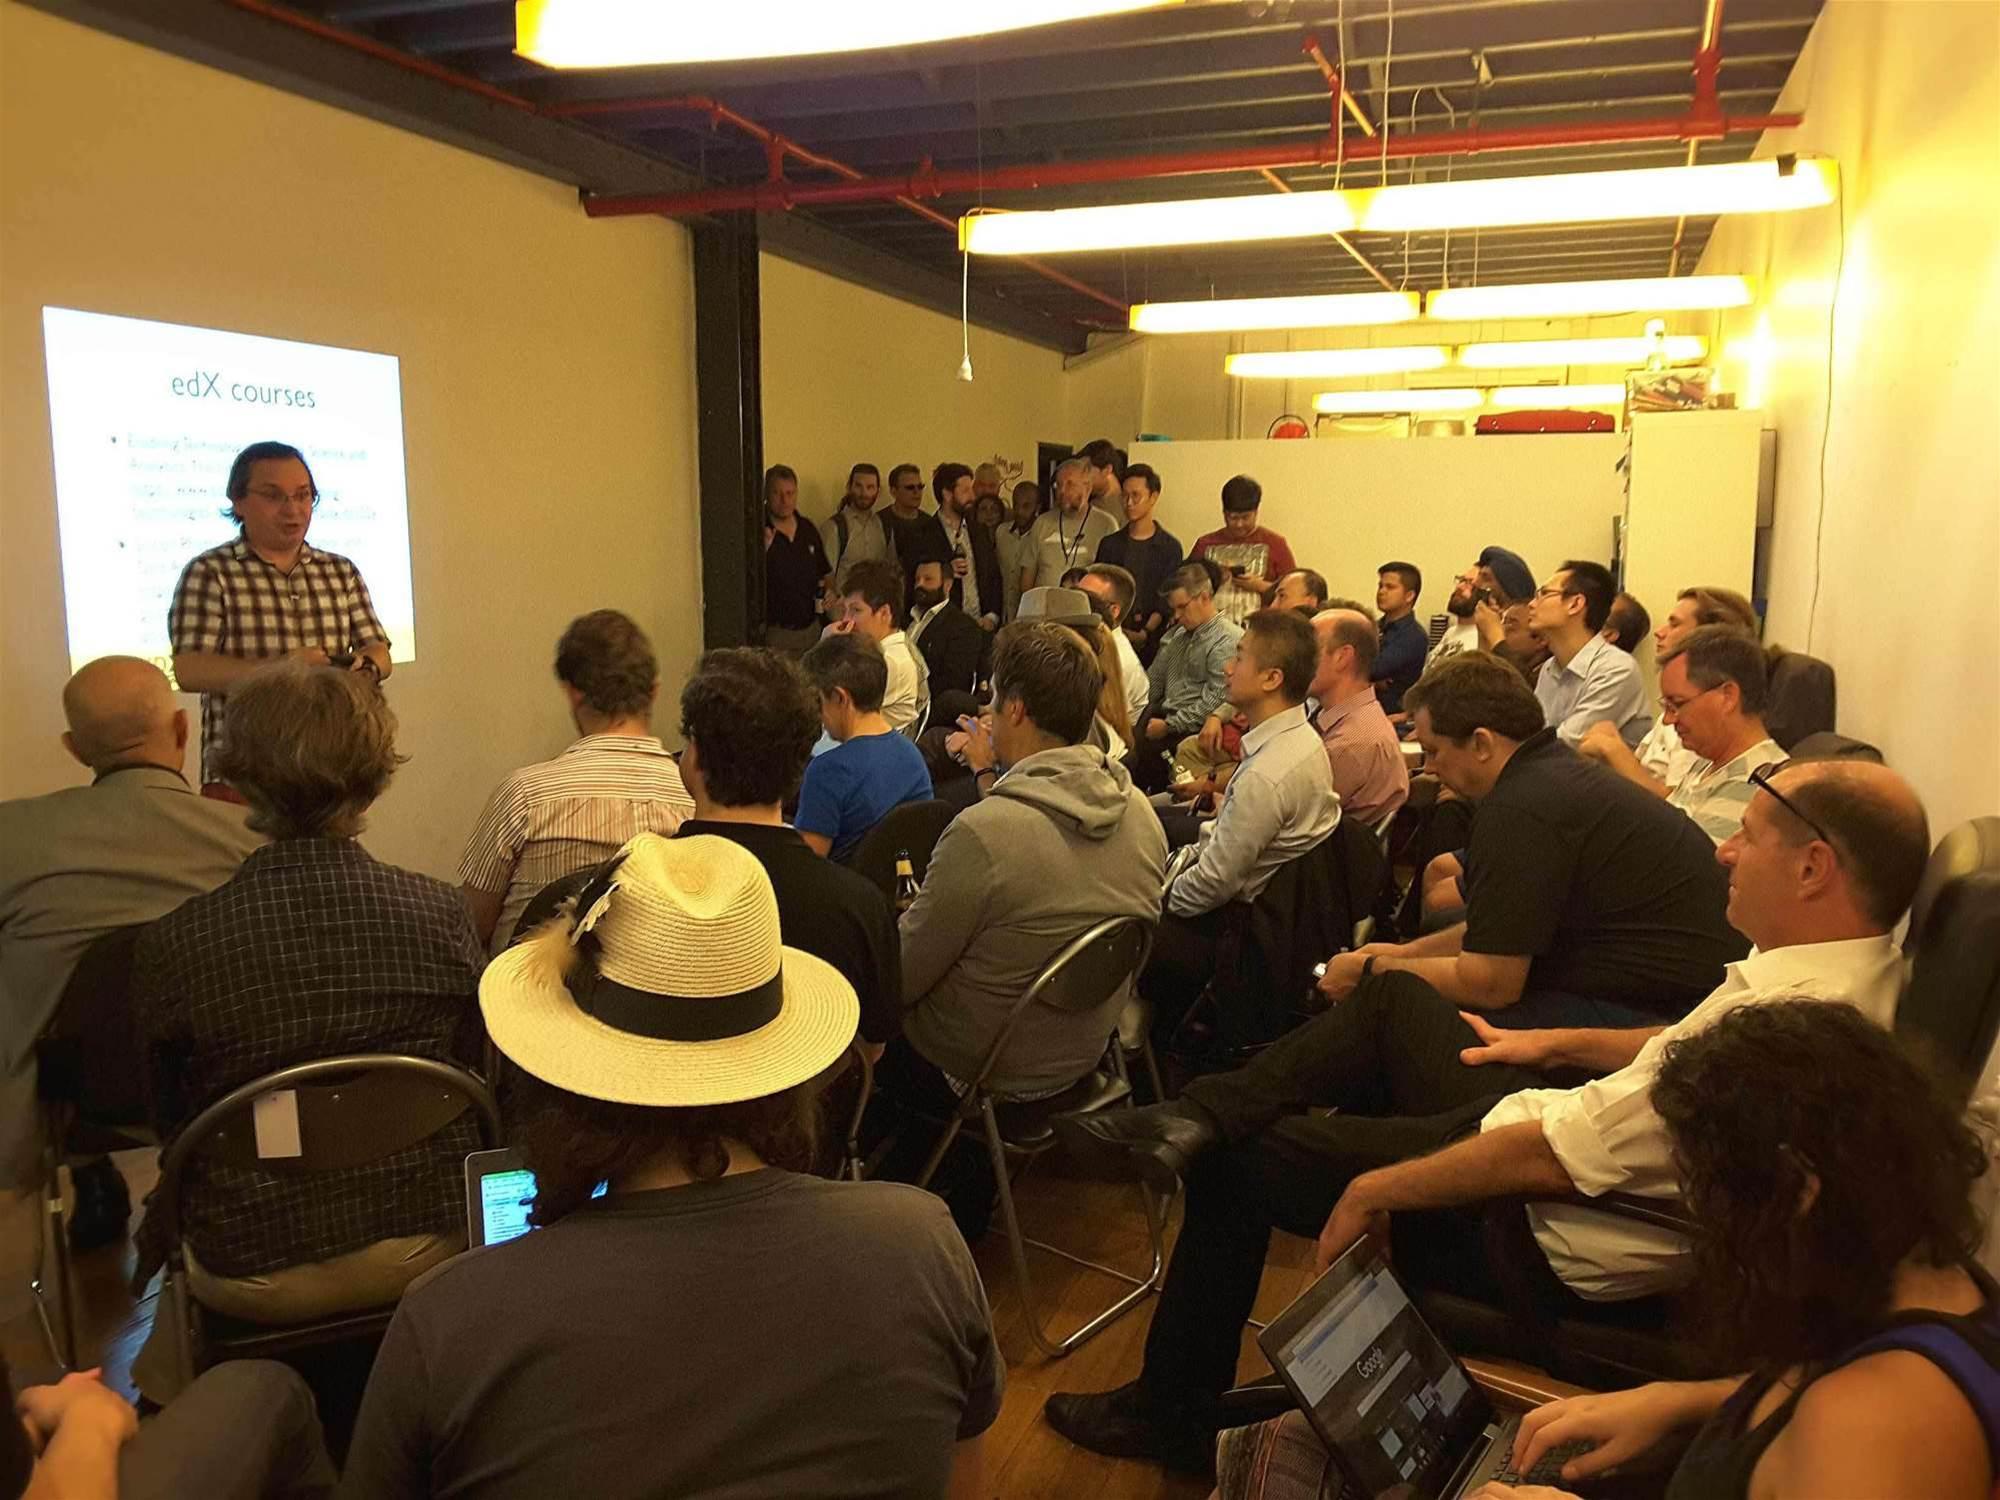 Sydney's thriving IoT maker community